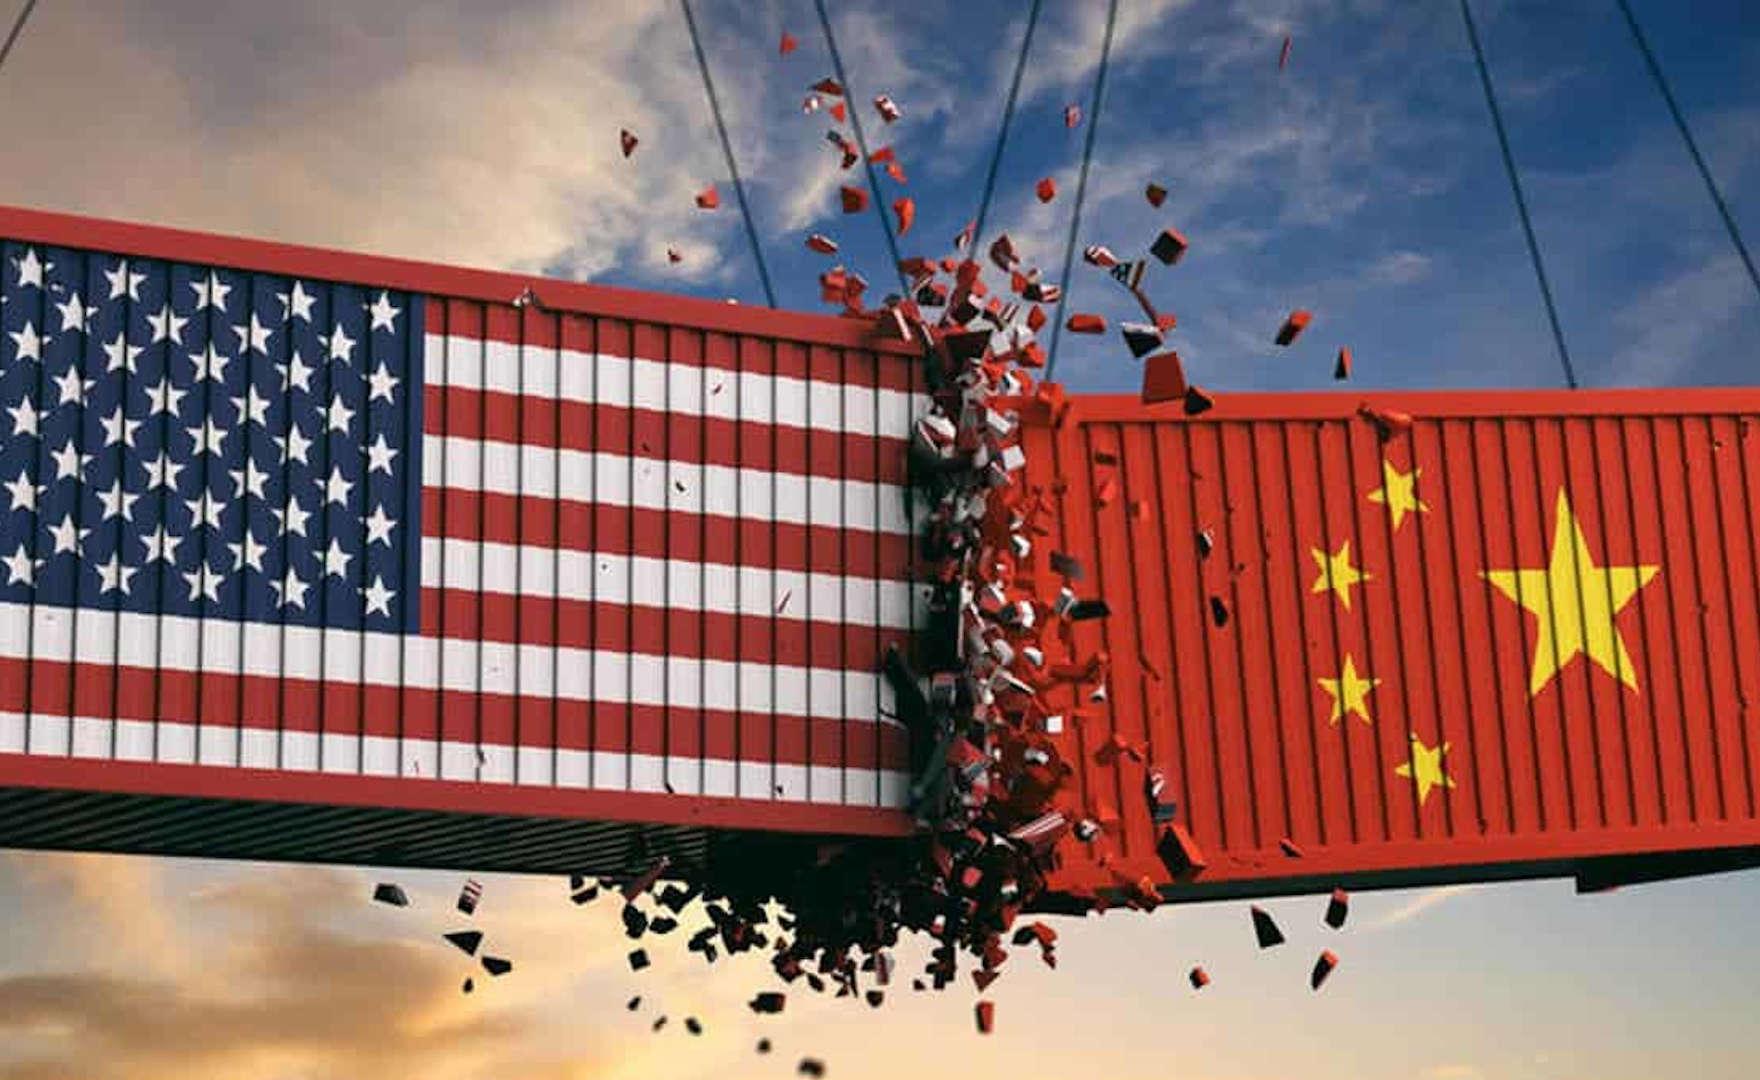 USA vs Cina: la guerra commerciale continua, ma qualcosa sta per cambiare